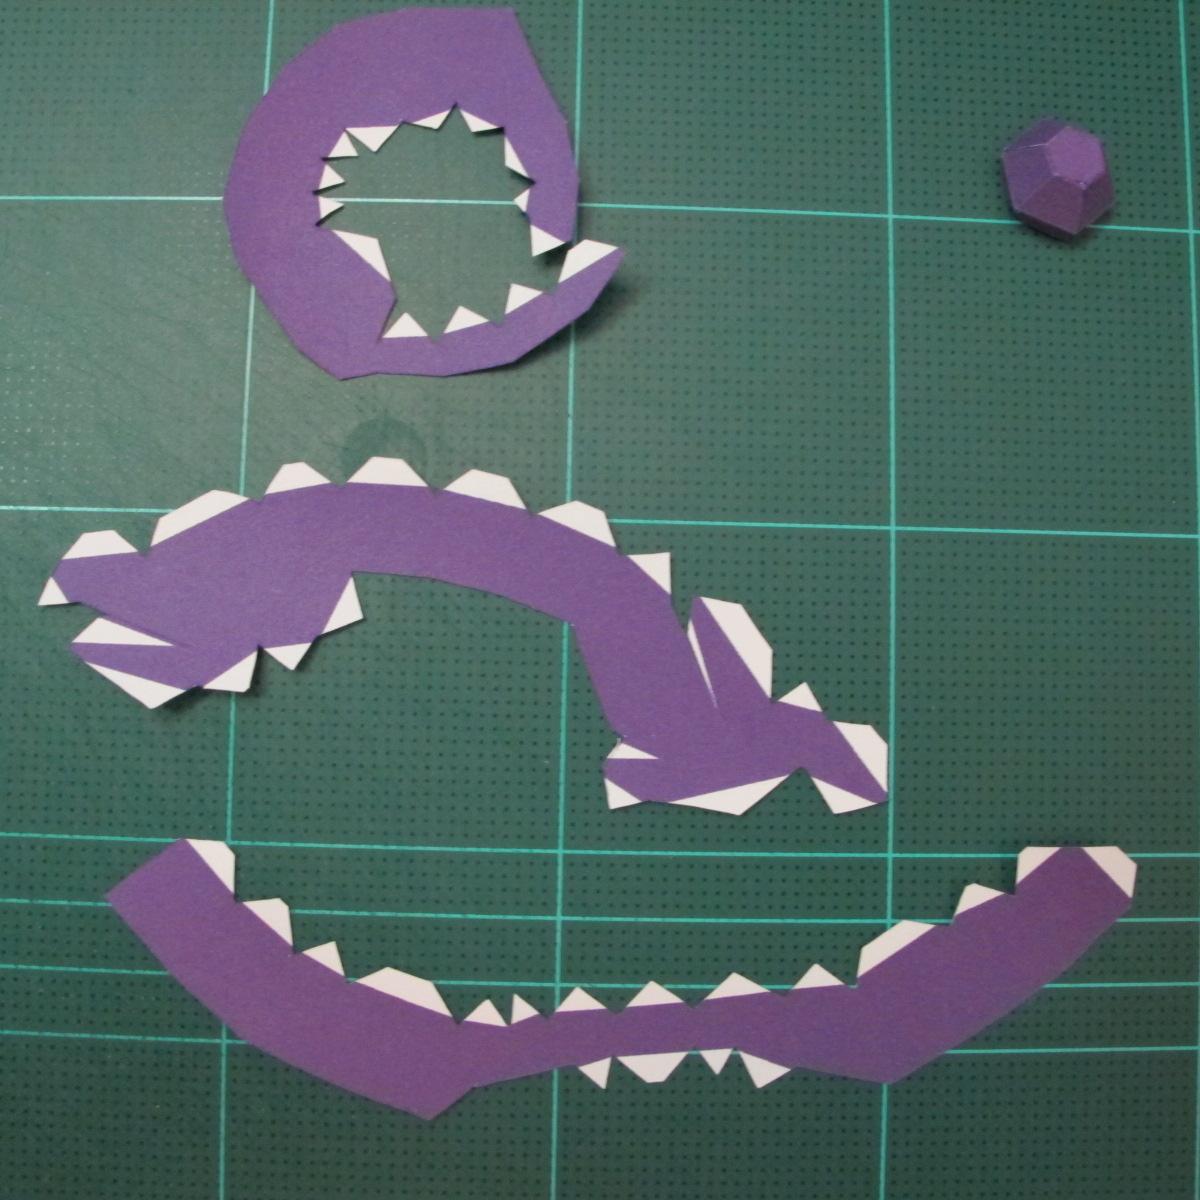 วิธีทำโมเดลกระดาษตุ้กตา คุกกี้รสราชินีสเก็ตลีลา จากเกมส์คุกกี้รัน (LINE Cookie Run Skating Queen Cookie Papercraft Model) 004